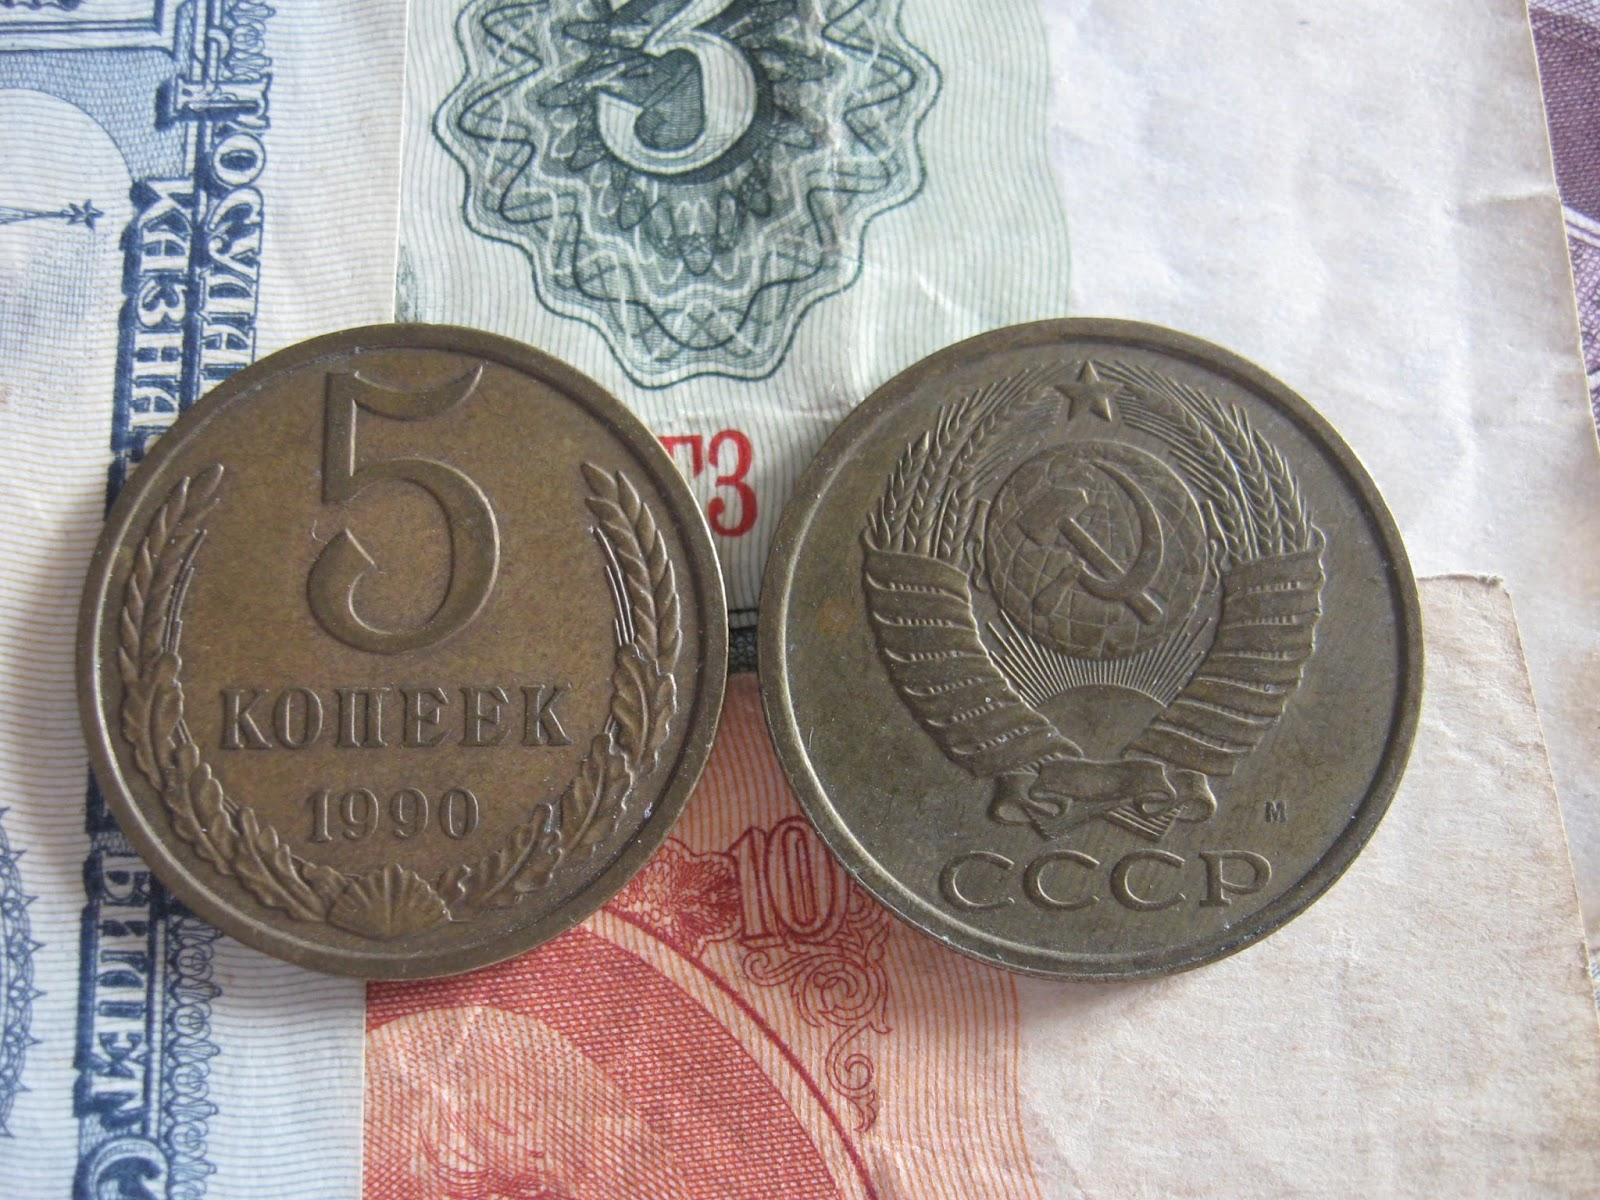 1 гривня 2014 року ціна україна